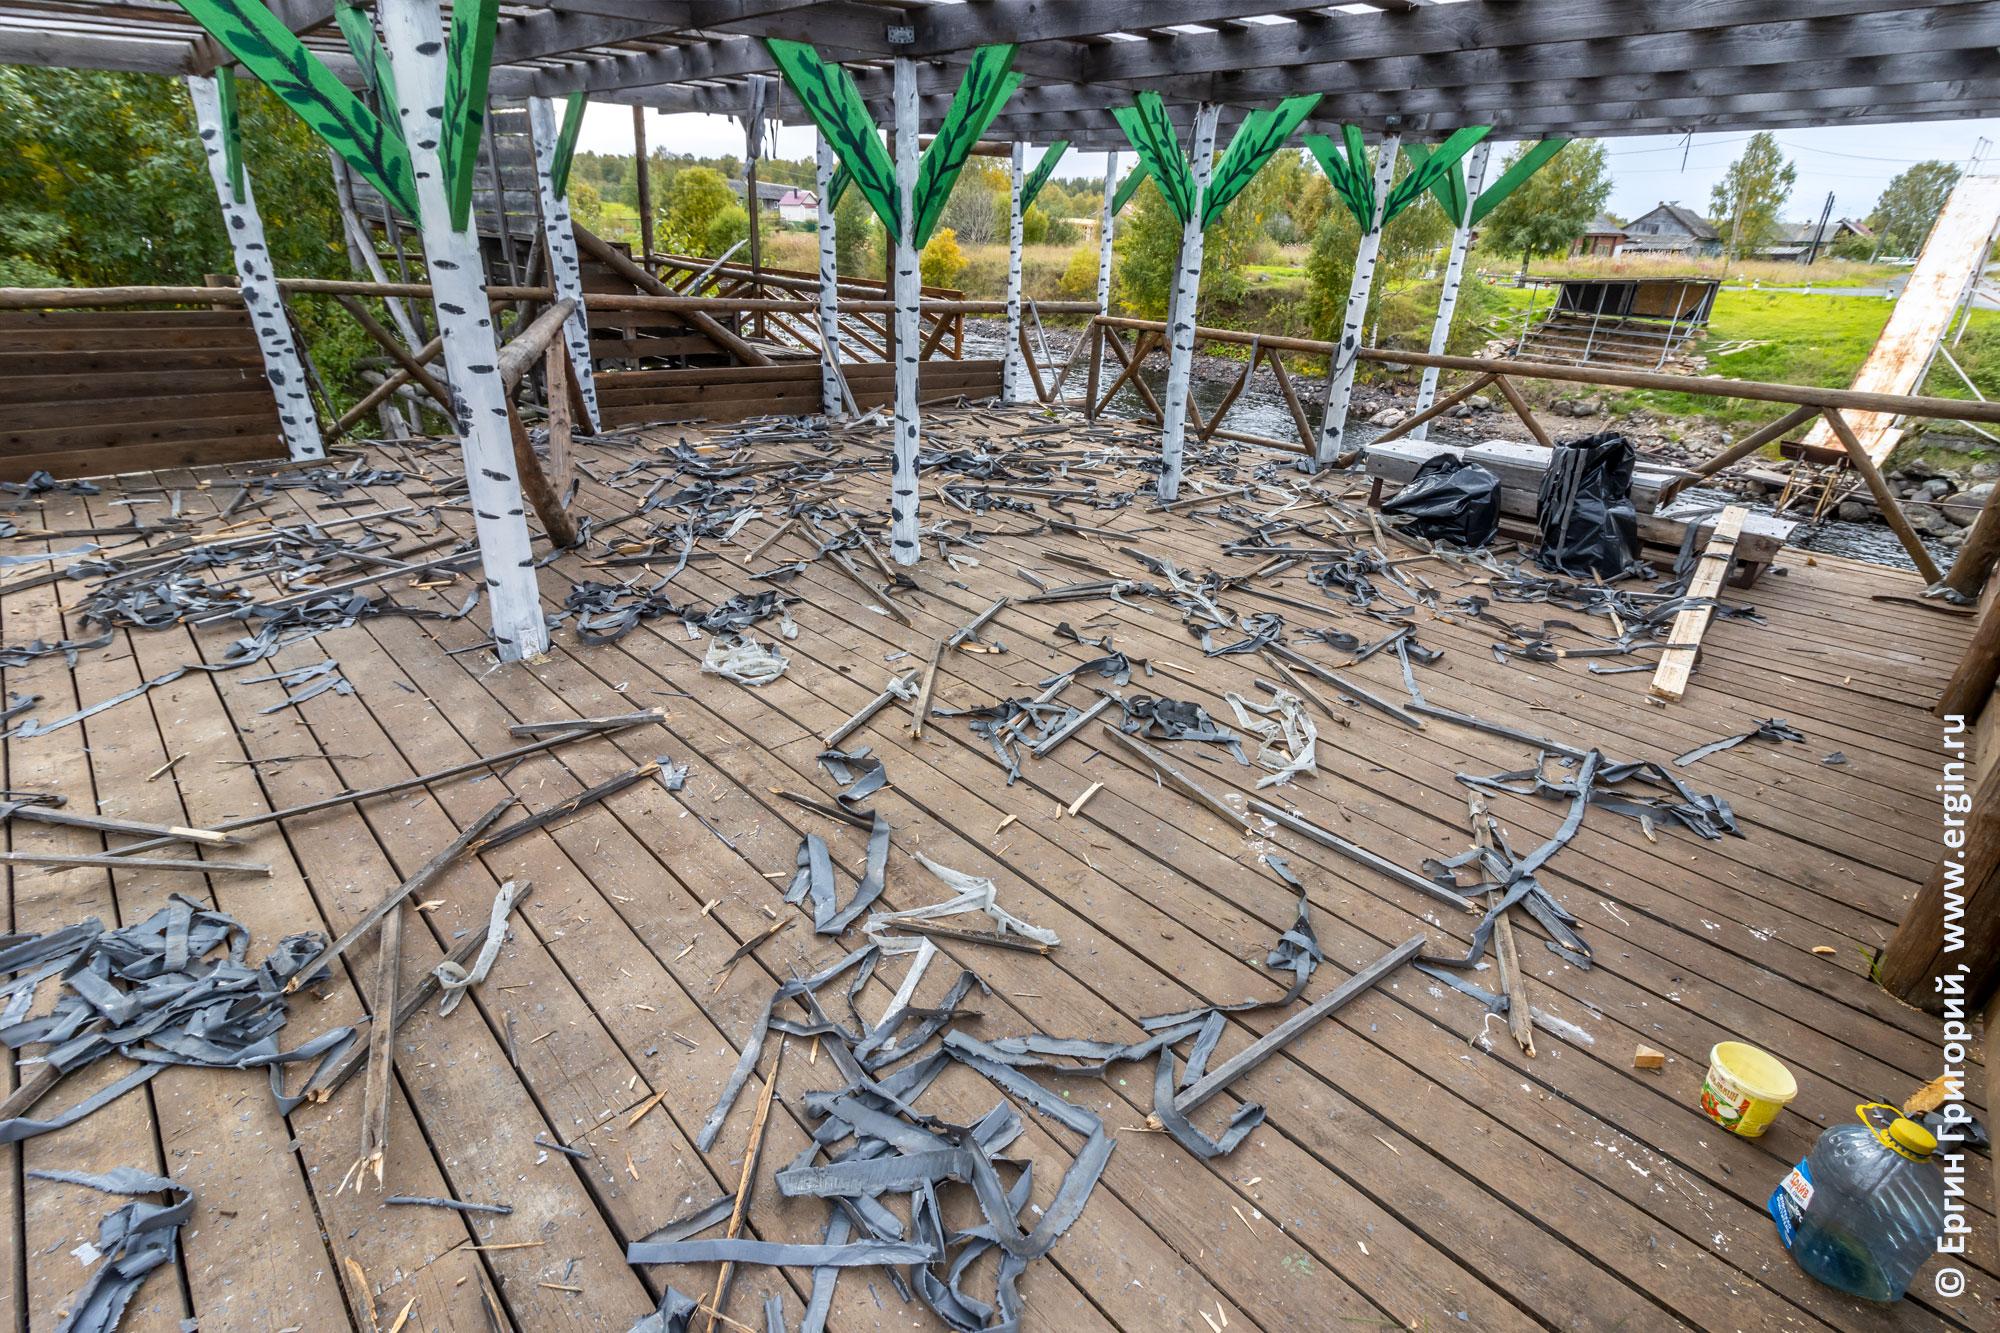 Демонтаж рамок крепления полиэтилена с крыши судейской в Тивдии